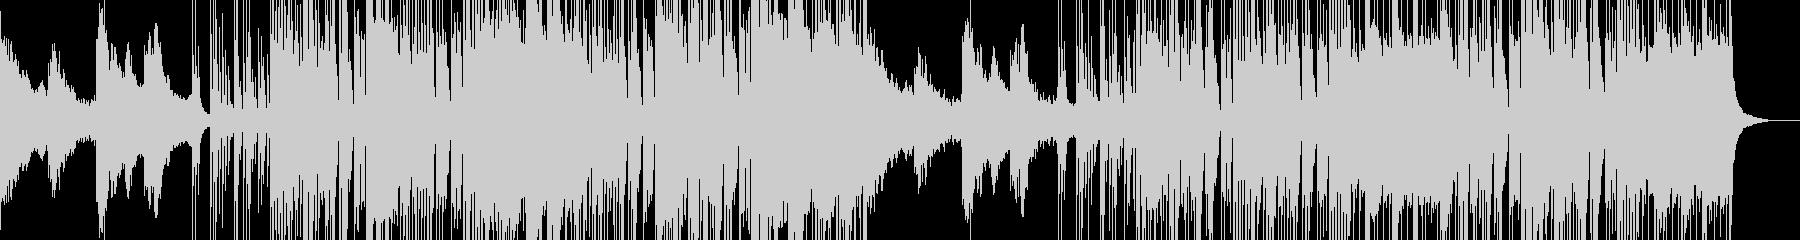 パラレル空間を連想させる恐怖オーケストラの未再生の波形